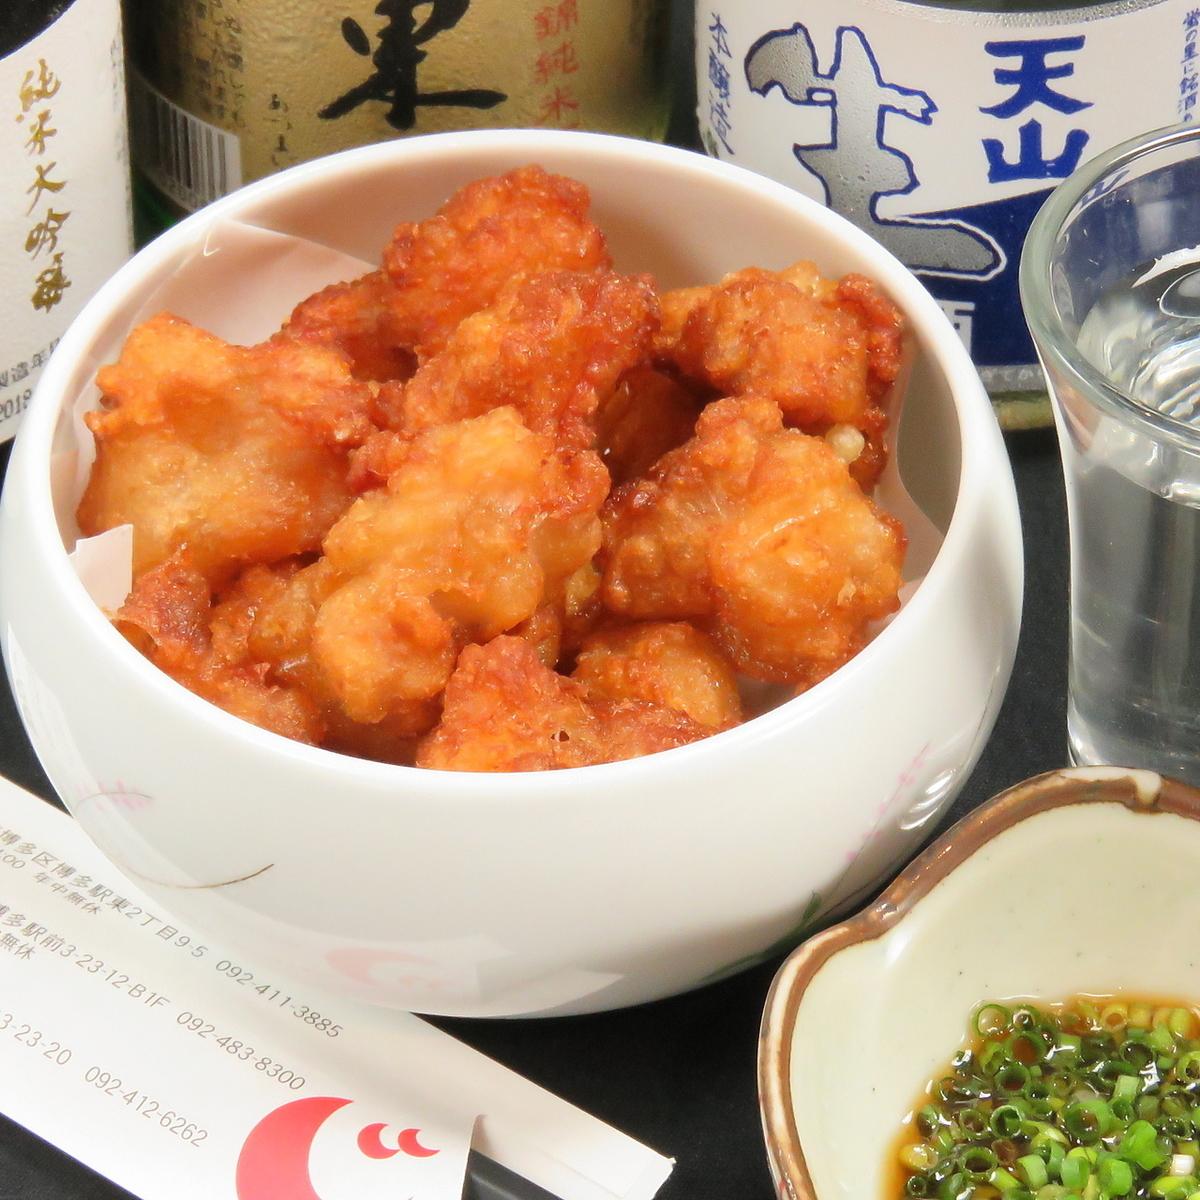 닭고기 튀김 / 무엇 뼈 튀김 / 톤토로 튀김